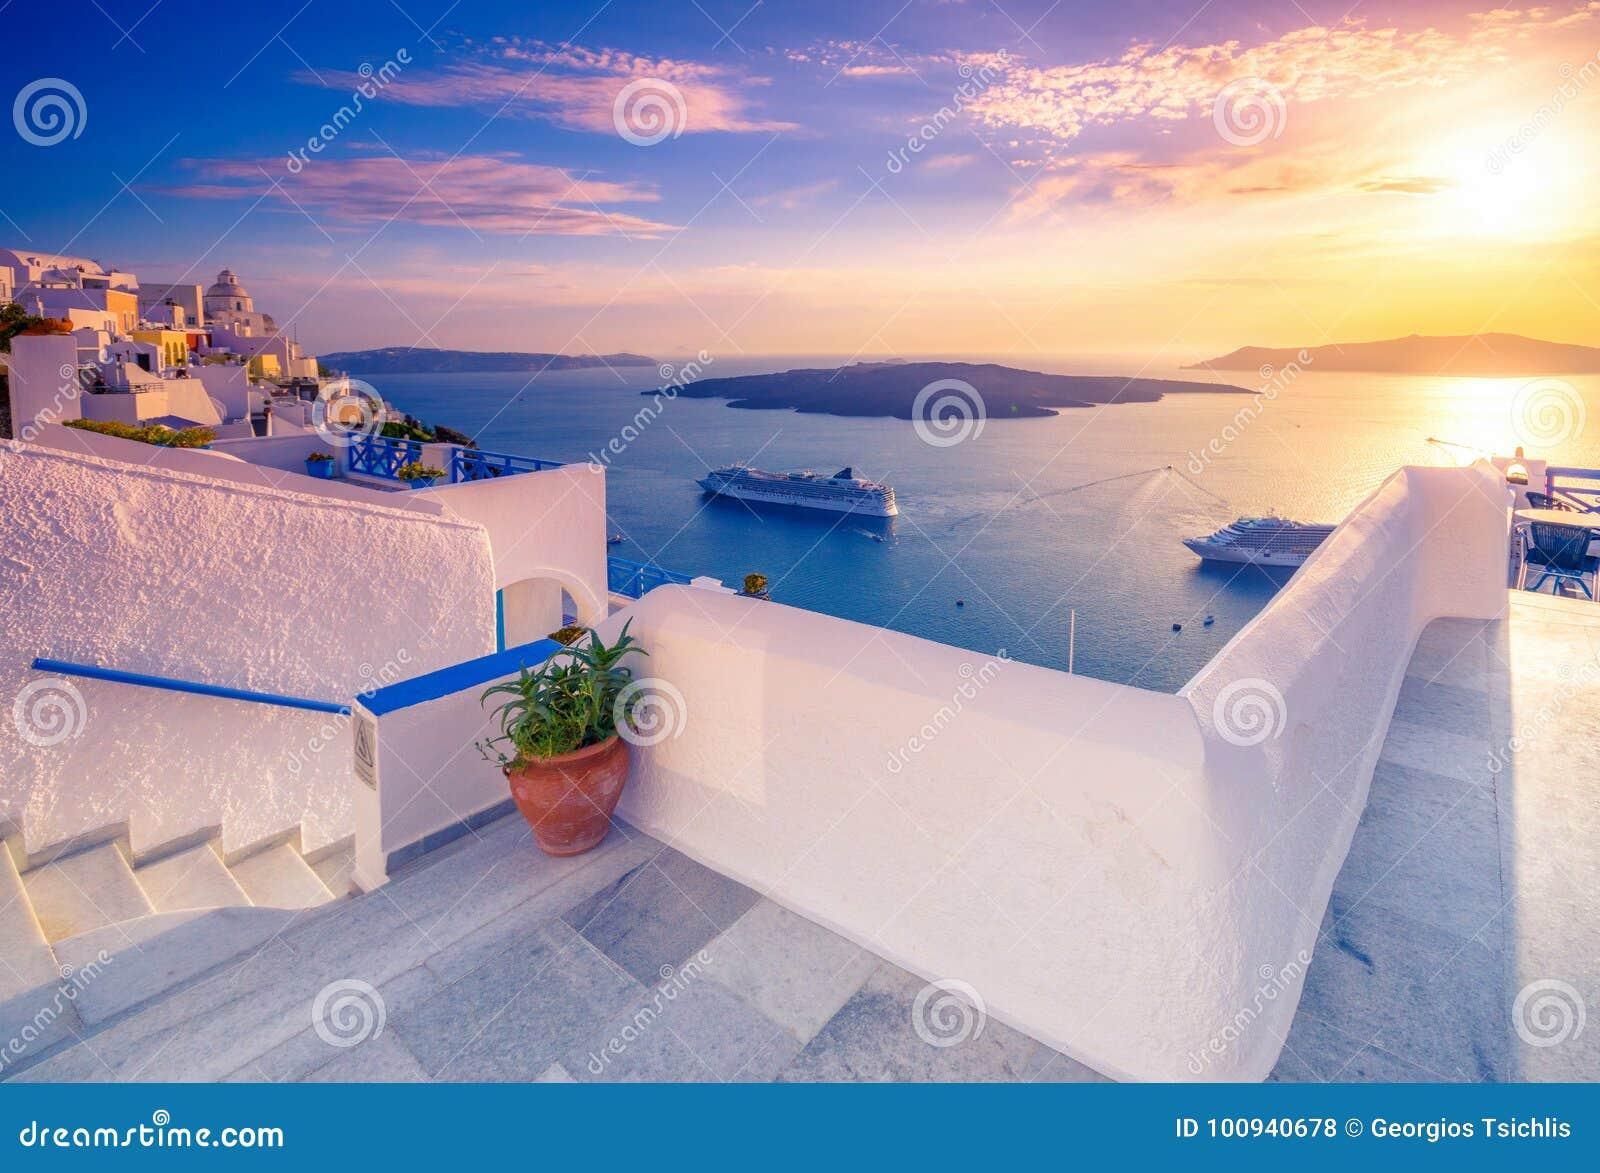 Verbazende avondmening van Fira, caldera, vulkaan van Santorini, Griekenland met cruiseschepen bij zonsondergang